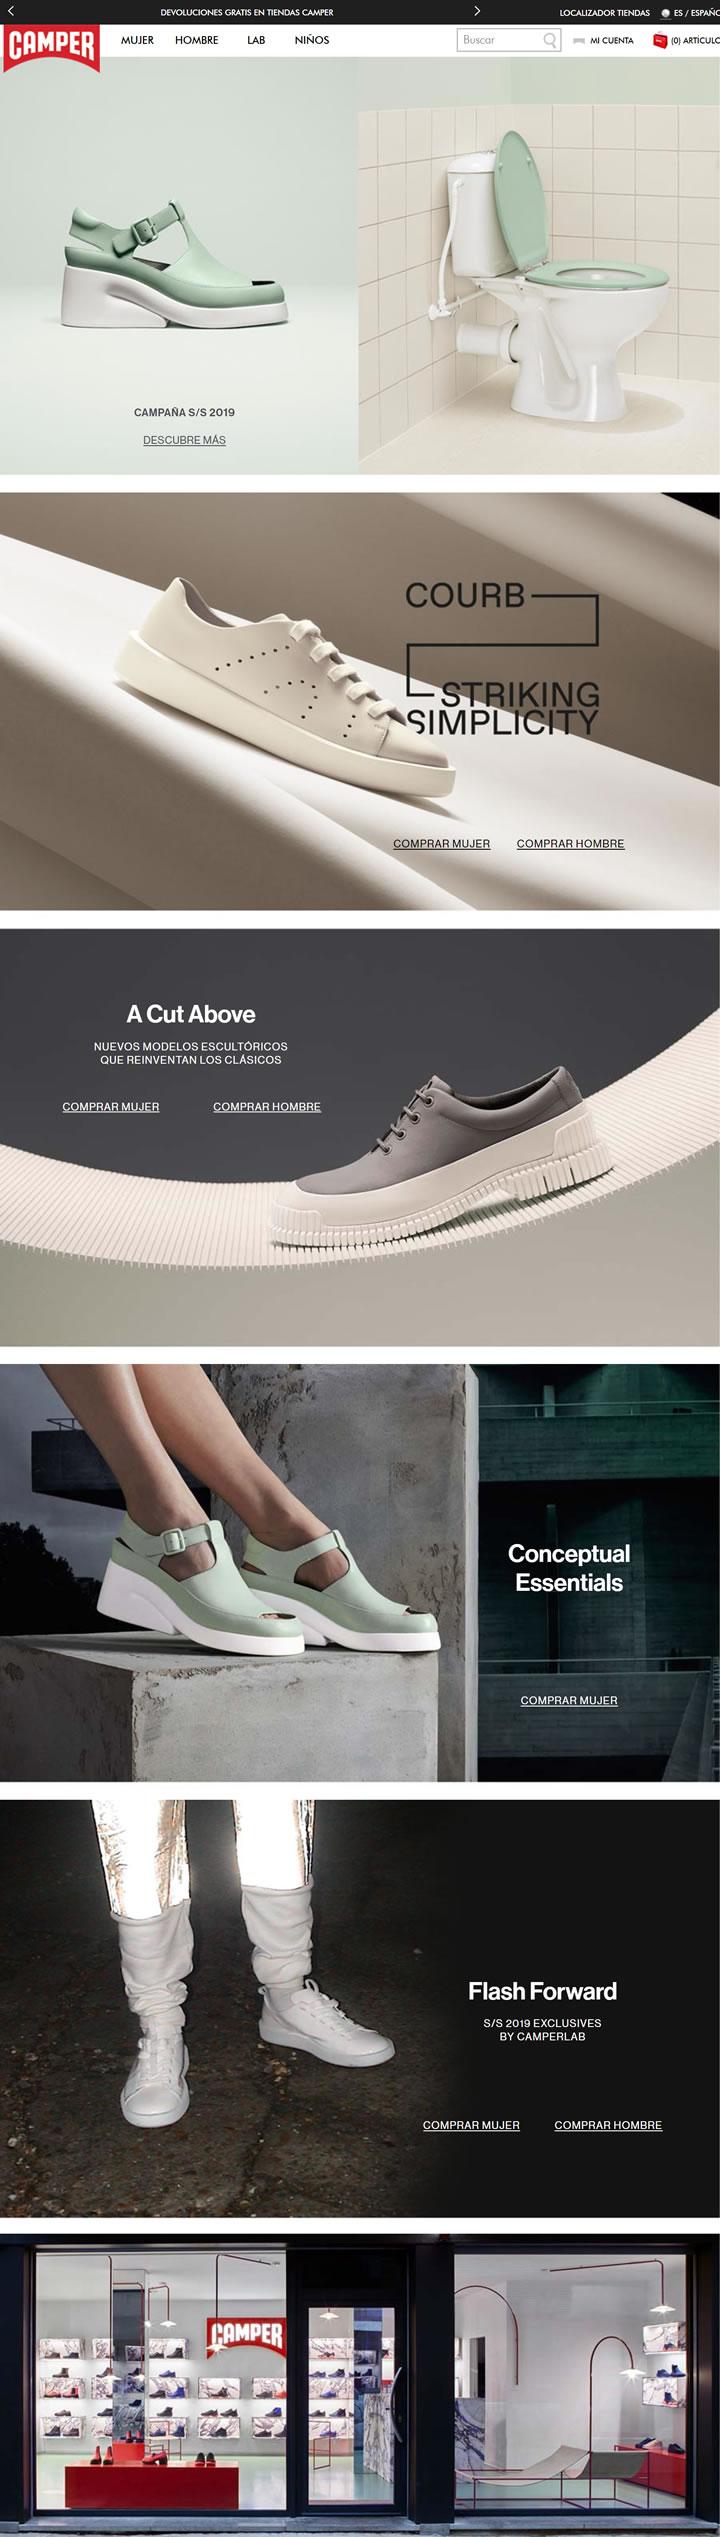 Camper鞋西班牙官方网上商店:西班牙马略卡岛的鞋类品牌